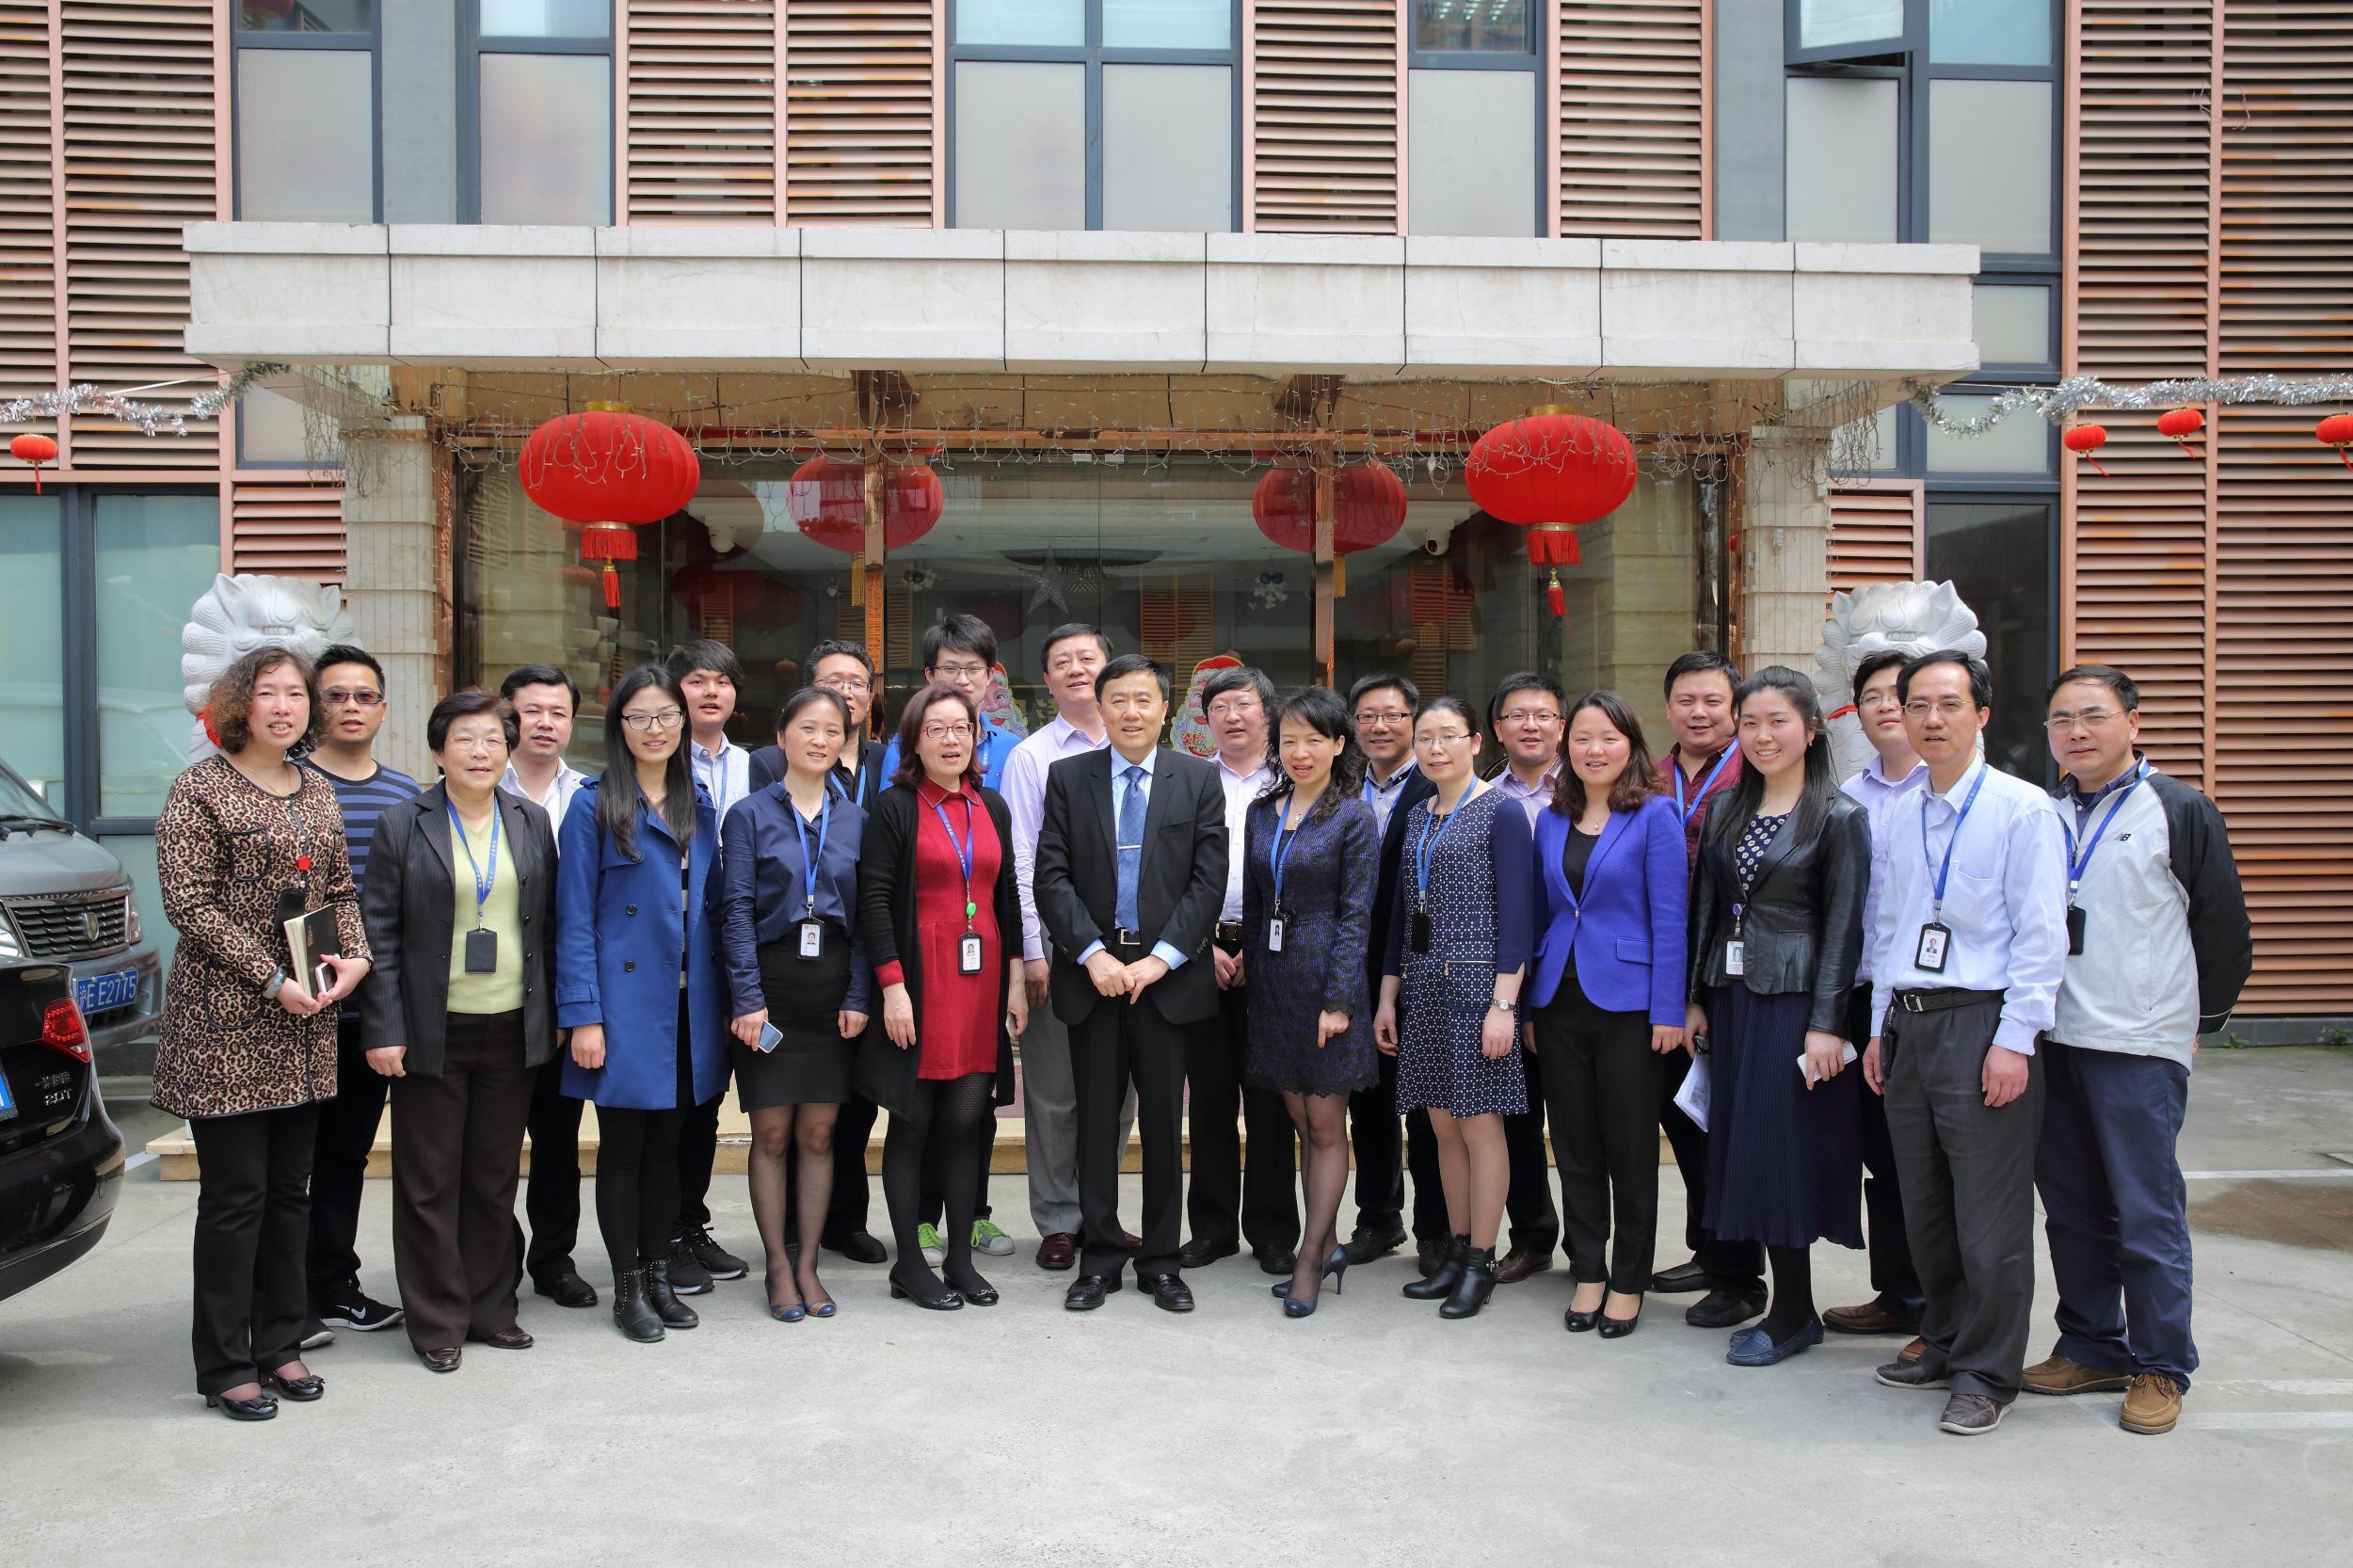 沪港国际咨询集团有限公司是一家集团型中介组织,由上海沪港建设咨询